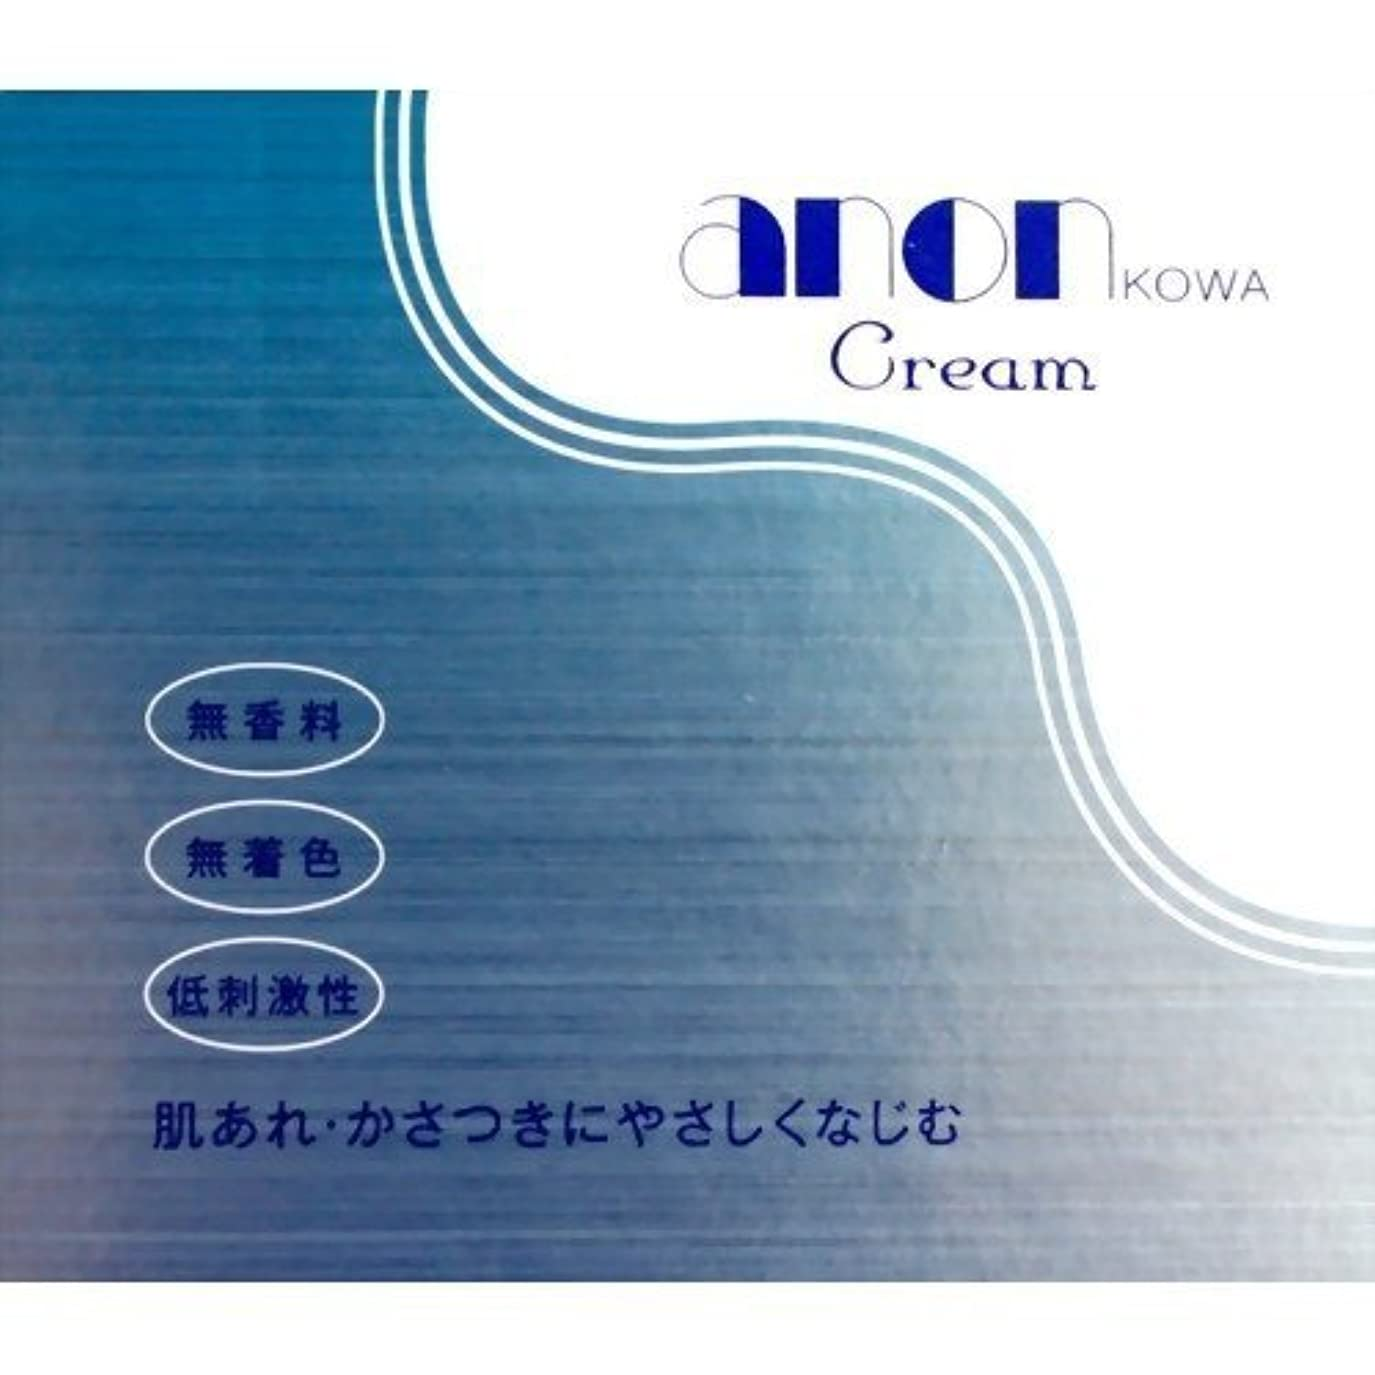 締める嫌いキノコ興和新薬 アノンコーワクリーム(160g)×2